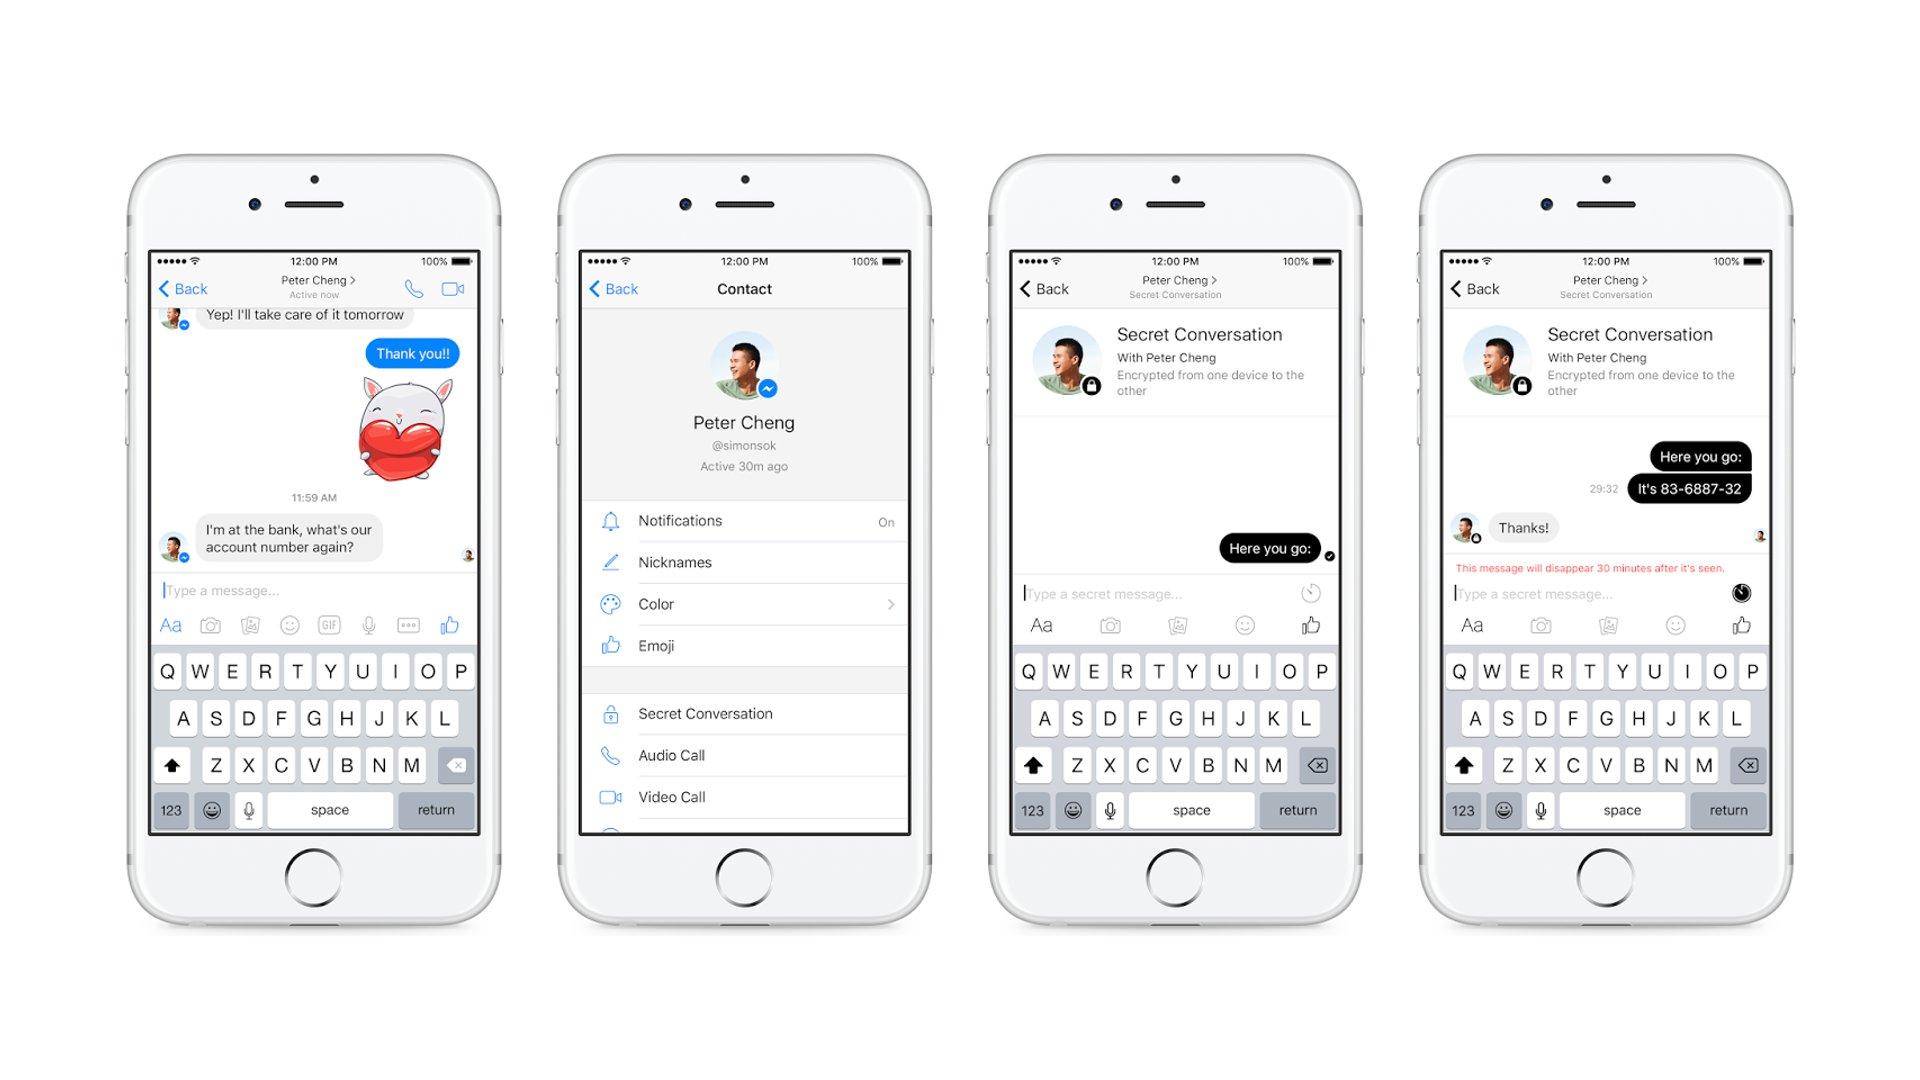 Facebook Messenger - Secret Conversation